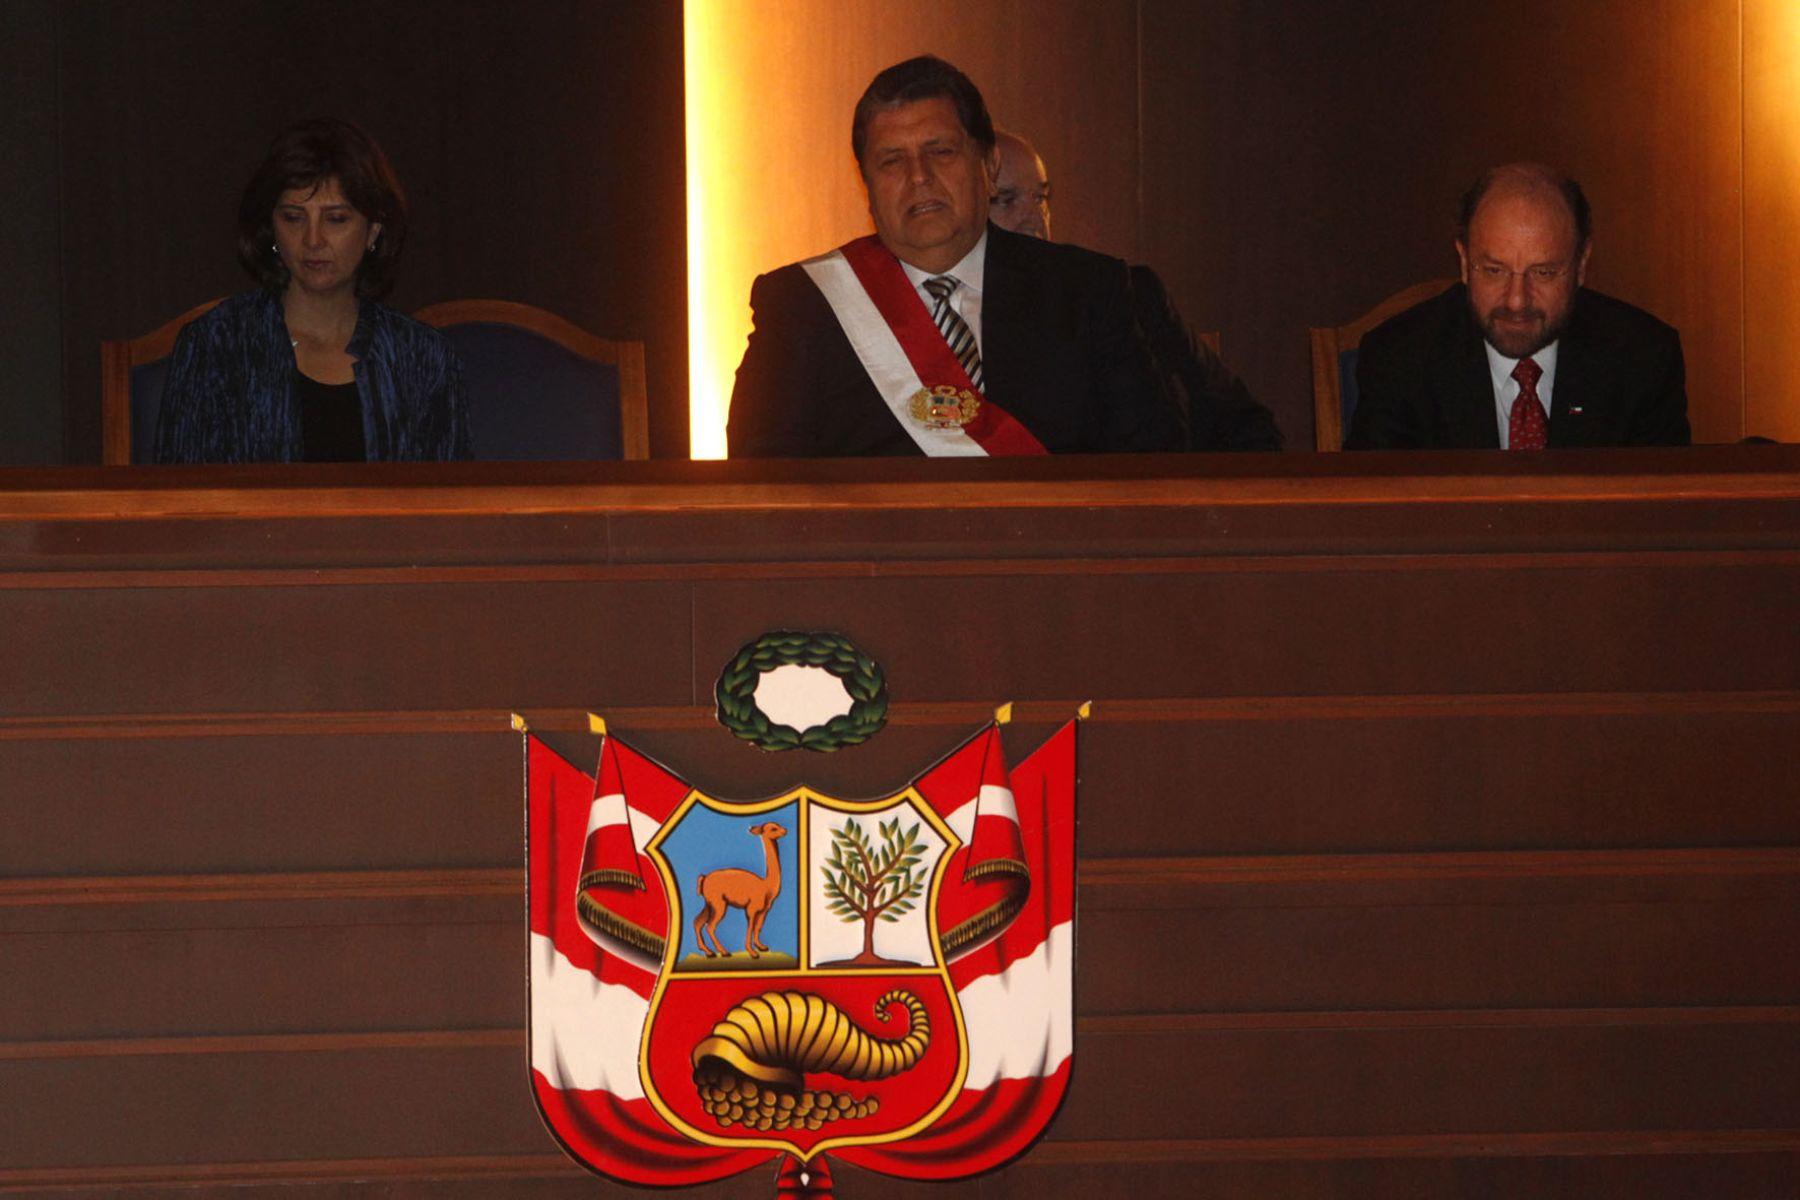 Jefe del Estado asiste a inauguración del Gran Teatro Nacional, acompañado de los cancilleres de Chile, Alfredo Moreno, y de Colombia, María Holguín.